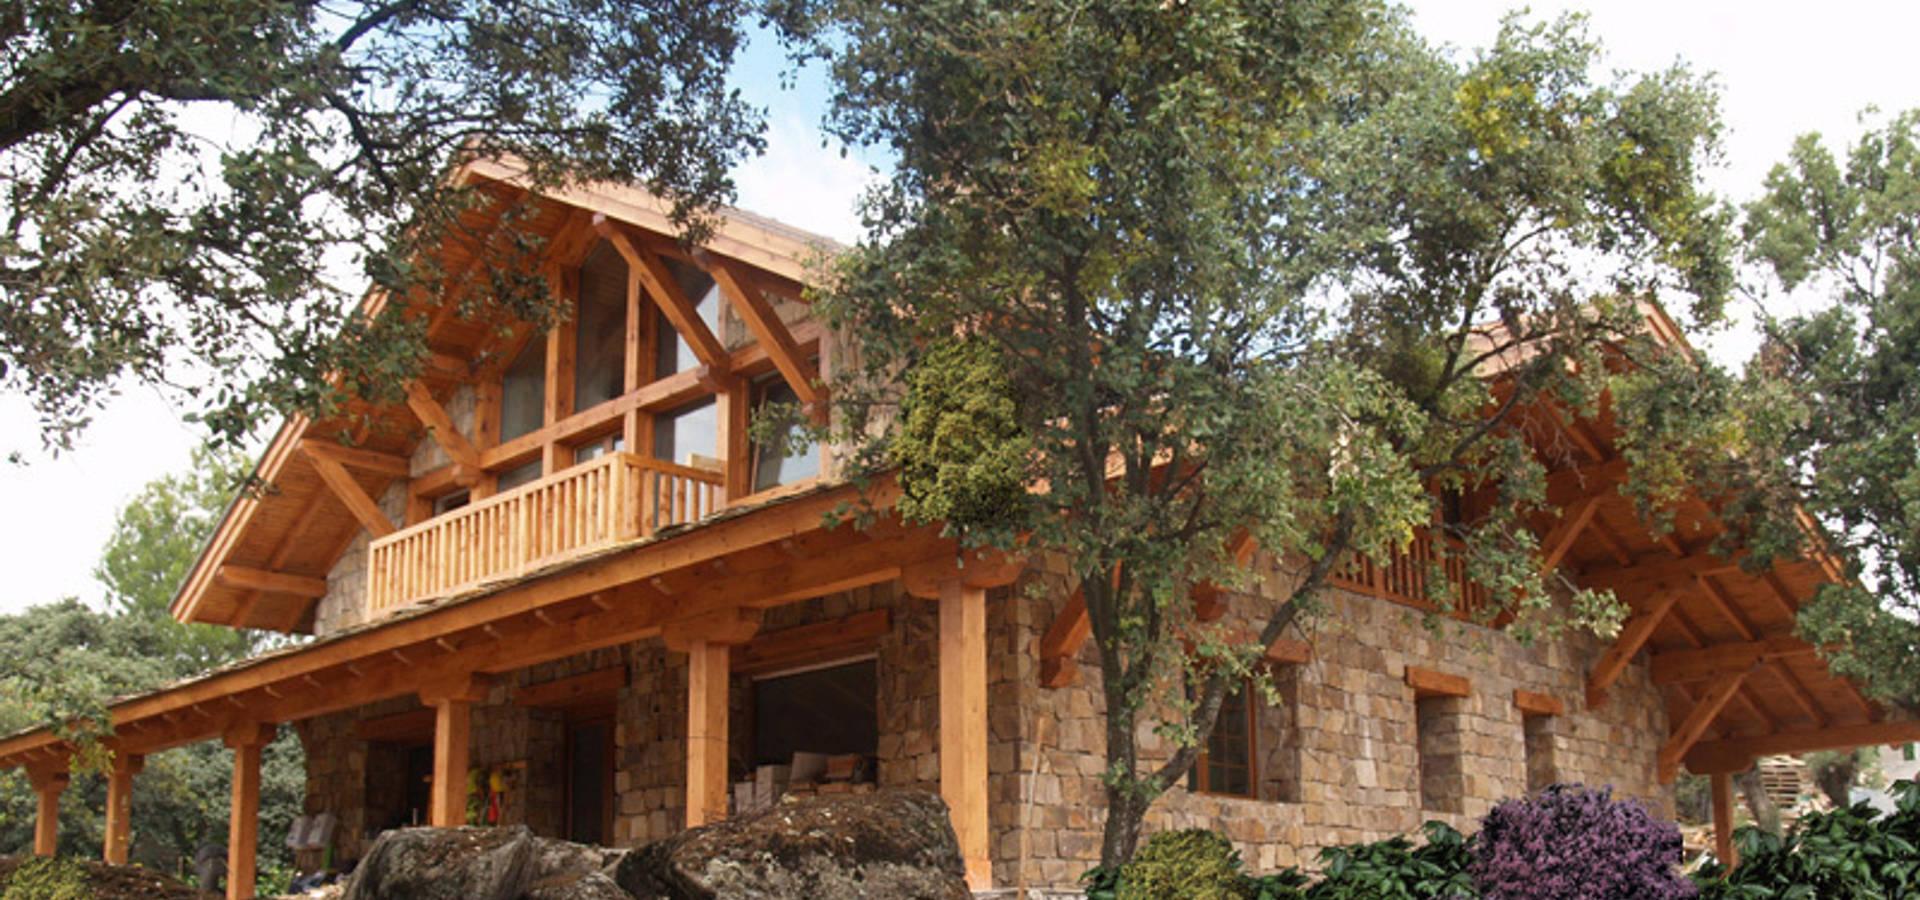 La casa del tejado hasta el suelo becerril de la sierra madrid par manuel monroy arquitecto - La casa en el tejado ...